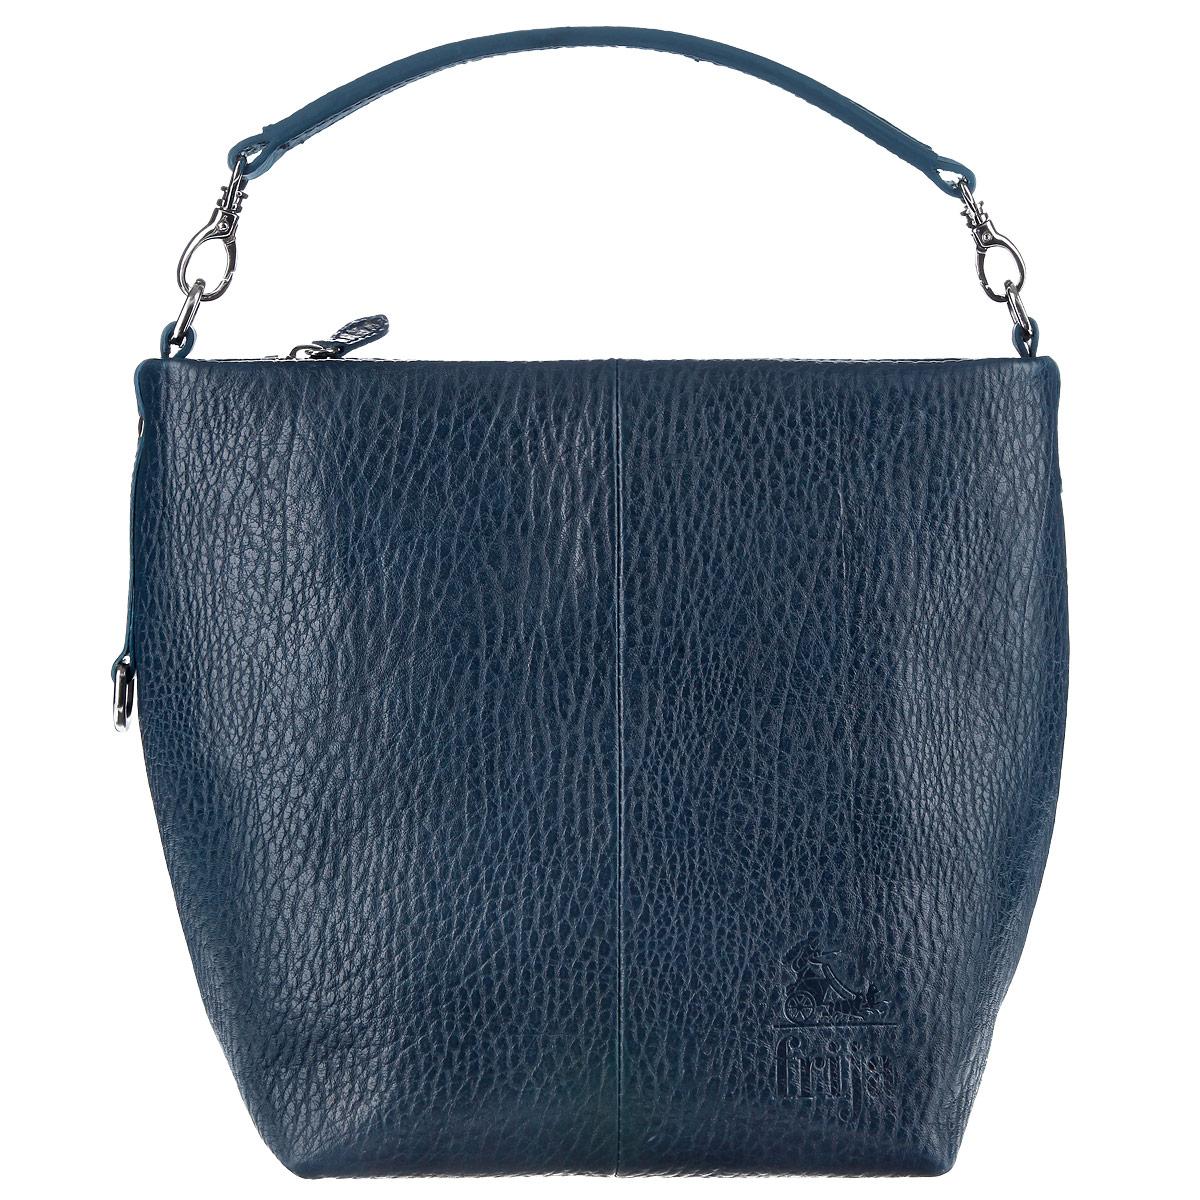 Сумка женская Frija, цвет: синий. 21-0057-12-KAM/B/N21-0057-12-KAM/B/NСимпатичная сумка Frija выполнена из натуральной кожи светло-розового цвета. Внутри сумка состоит из одного отделения, также есть три боковых кармана, один из которых на металлической молнии. Сумка Frija - это стильный аксессуар, который подчеркнет Вашу изысканность и индивидуальность и сделает Ваш образ завершенным.